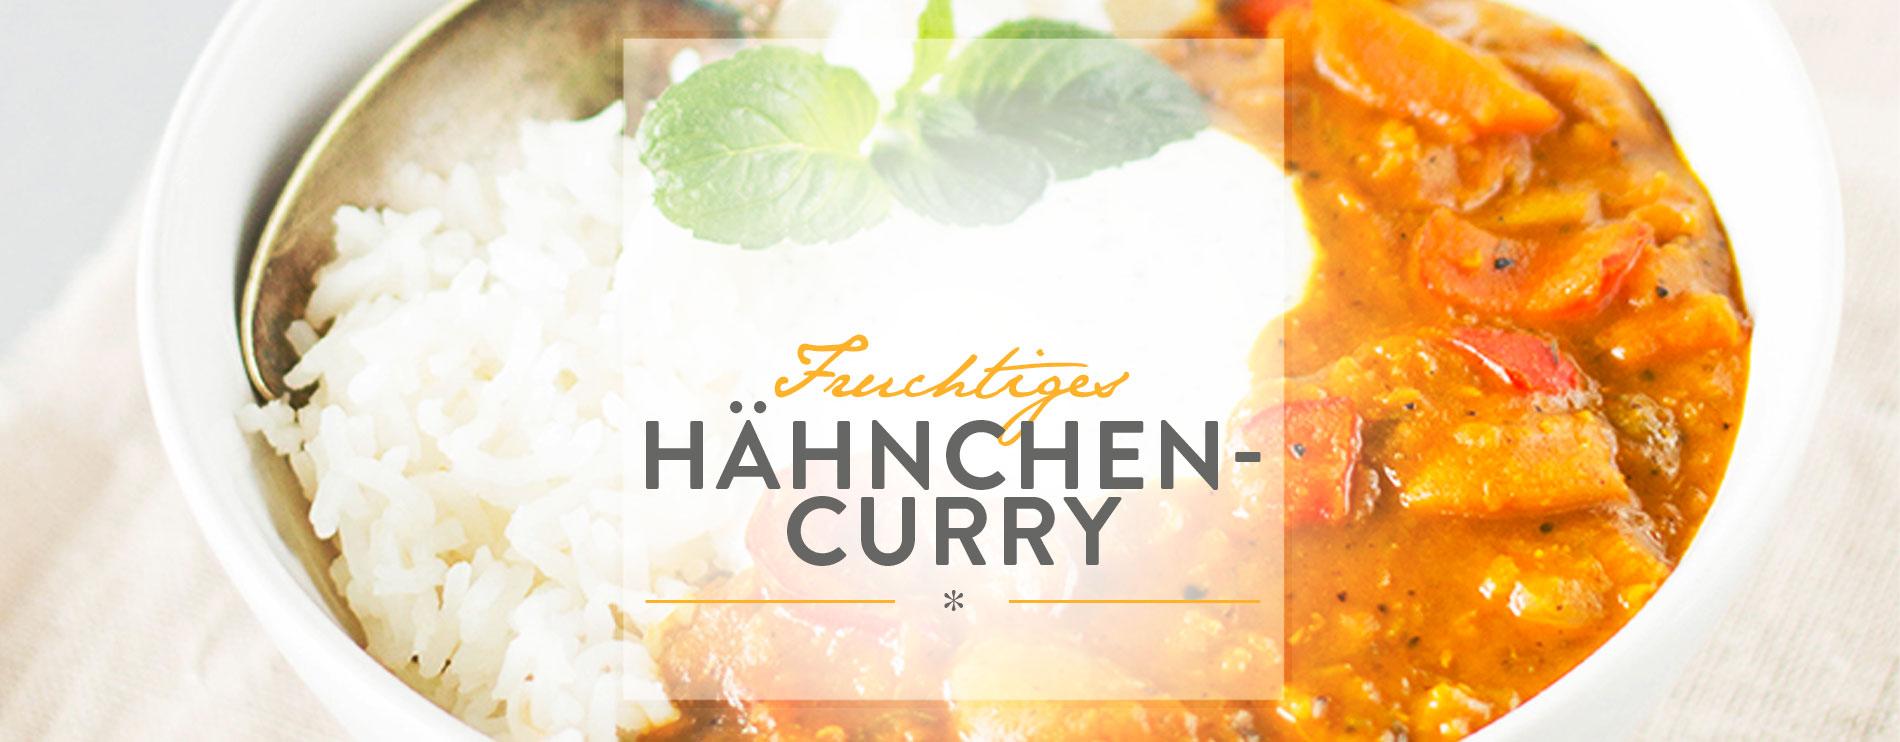 Header Fruchtiges Hähnchencurry